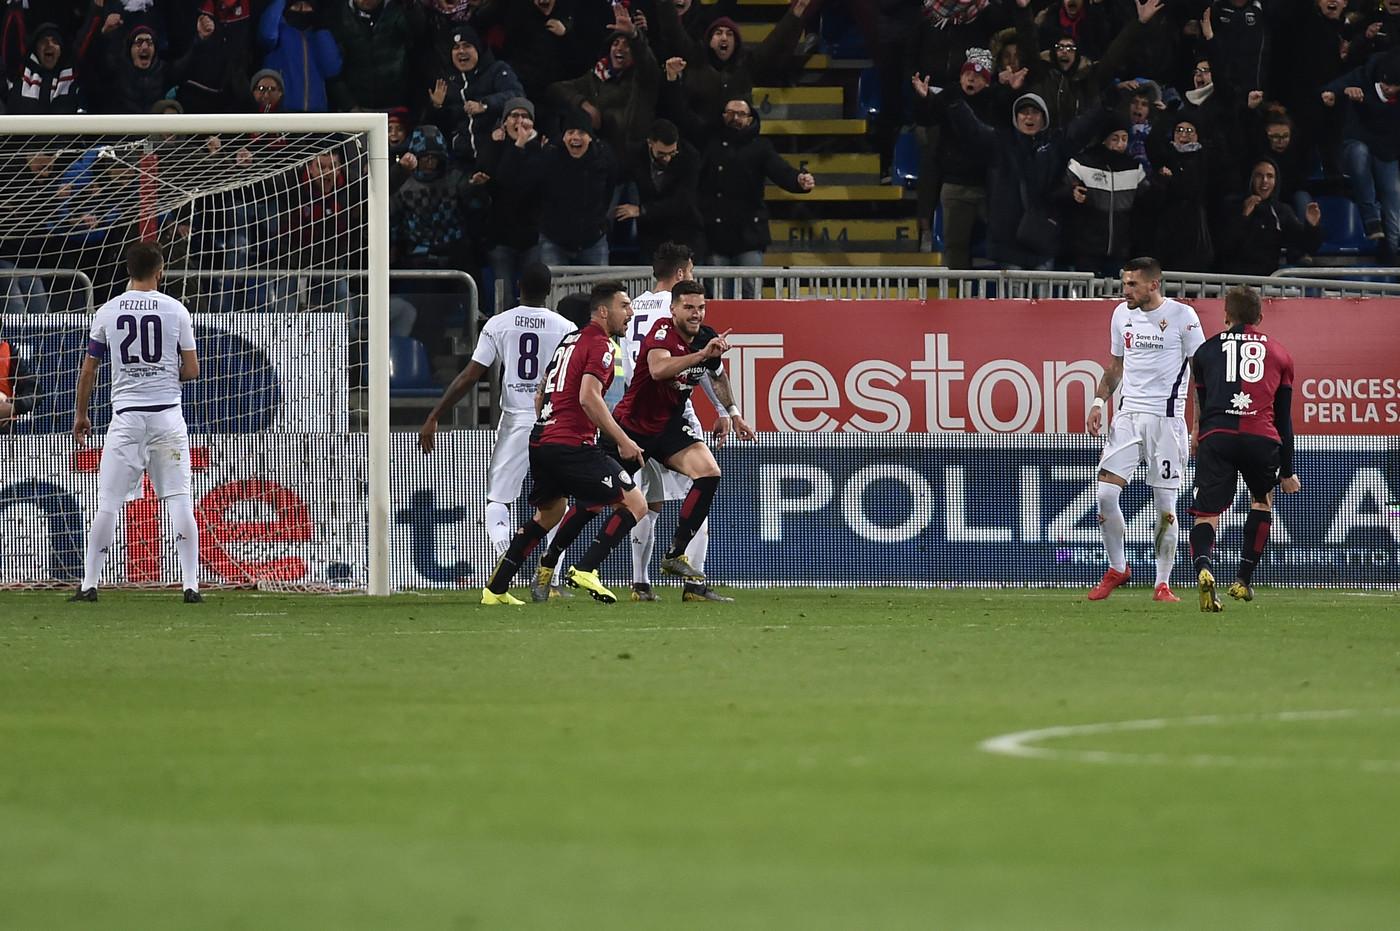 Fiorentina, addio sogni europei. Vince il Cagliari: ed è quasi salvo 2-1